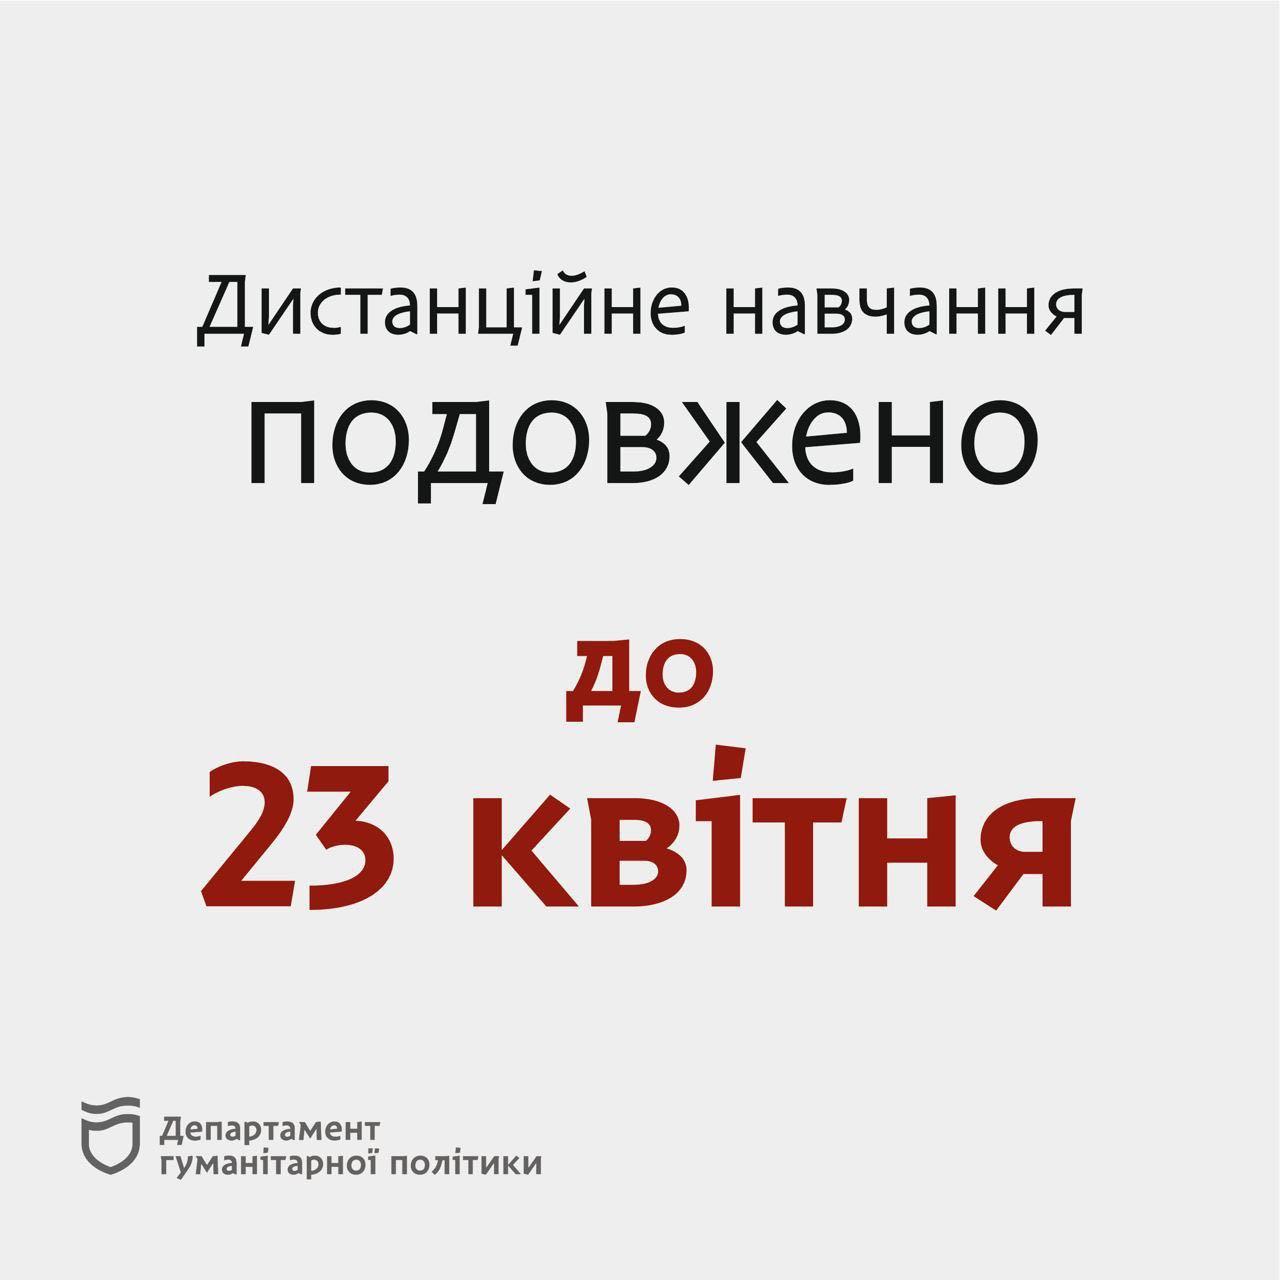 Днепровские школы и ВУЗы продлят дистанционное обучение до 23 апреля